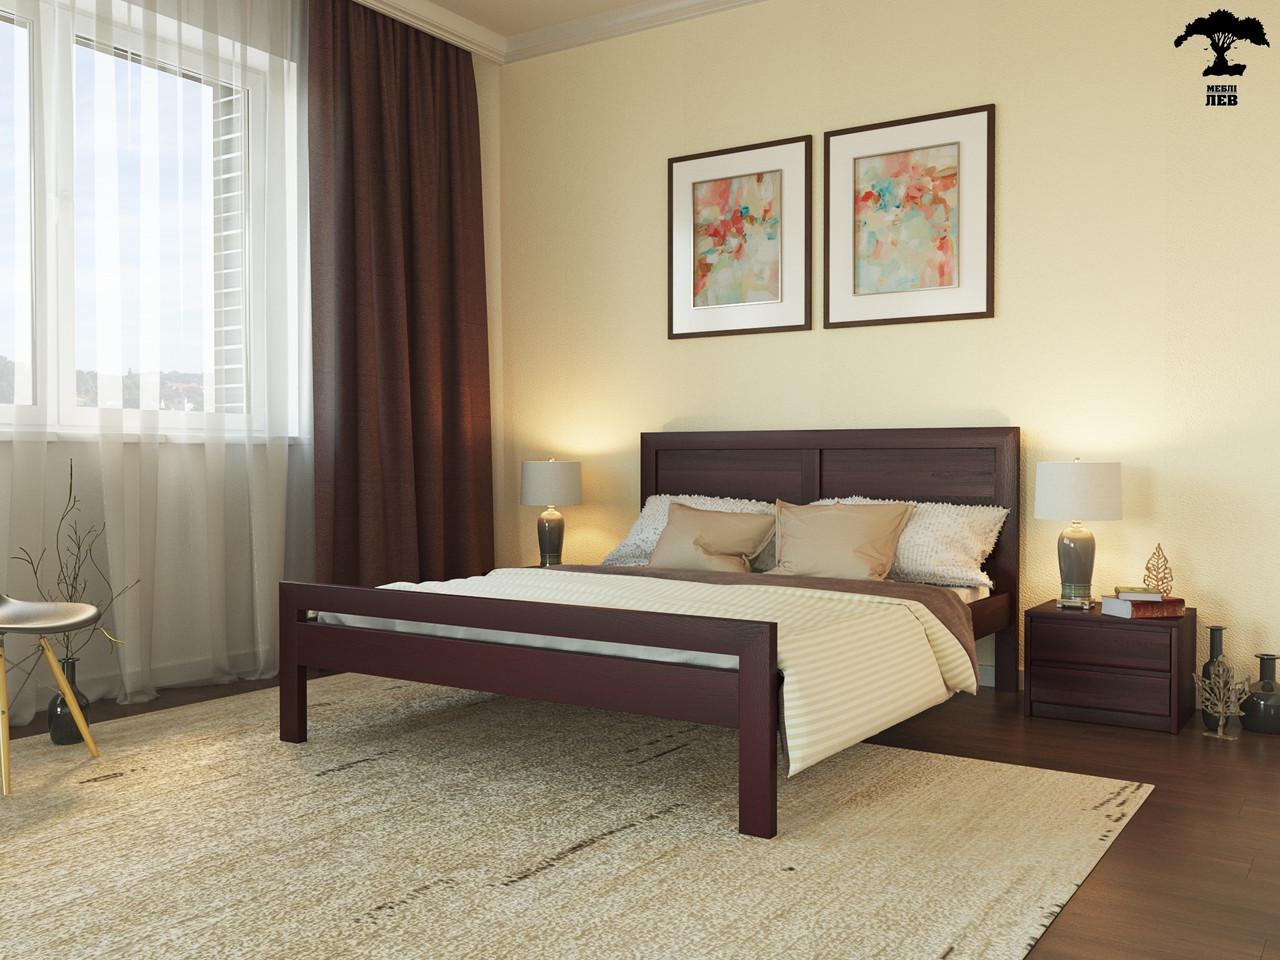 Кровать Кардинал 80х190 см. Лев Мебель